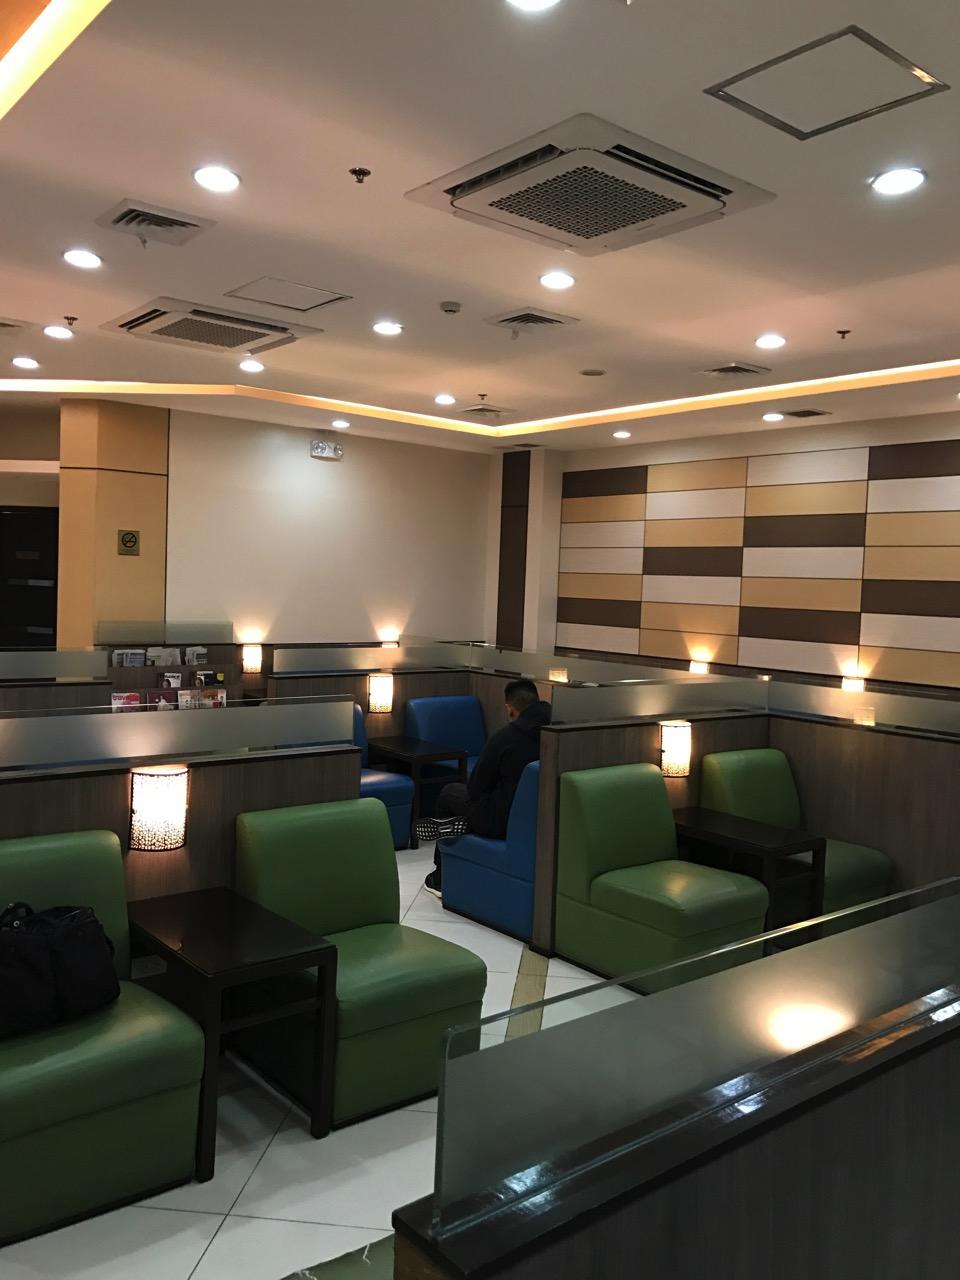 ニノイ・アキノ国際空港スカイビューラウンジ